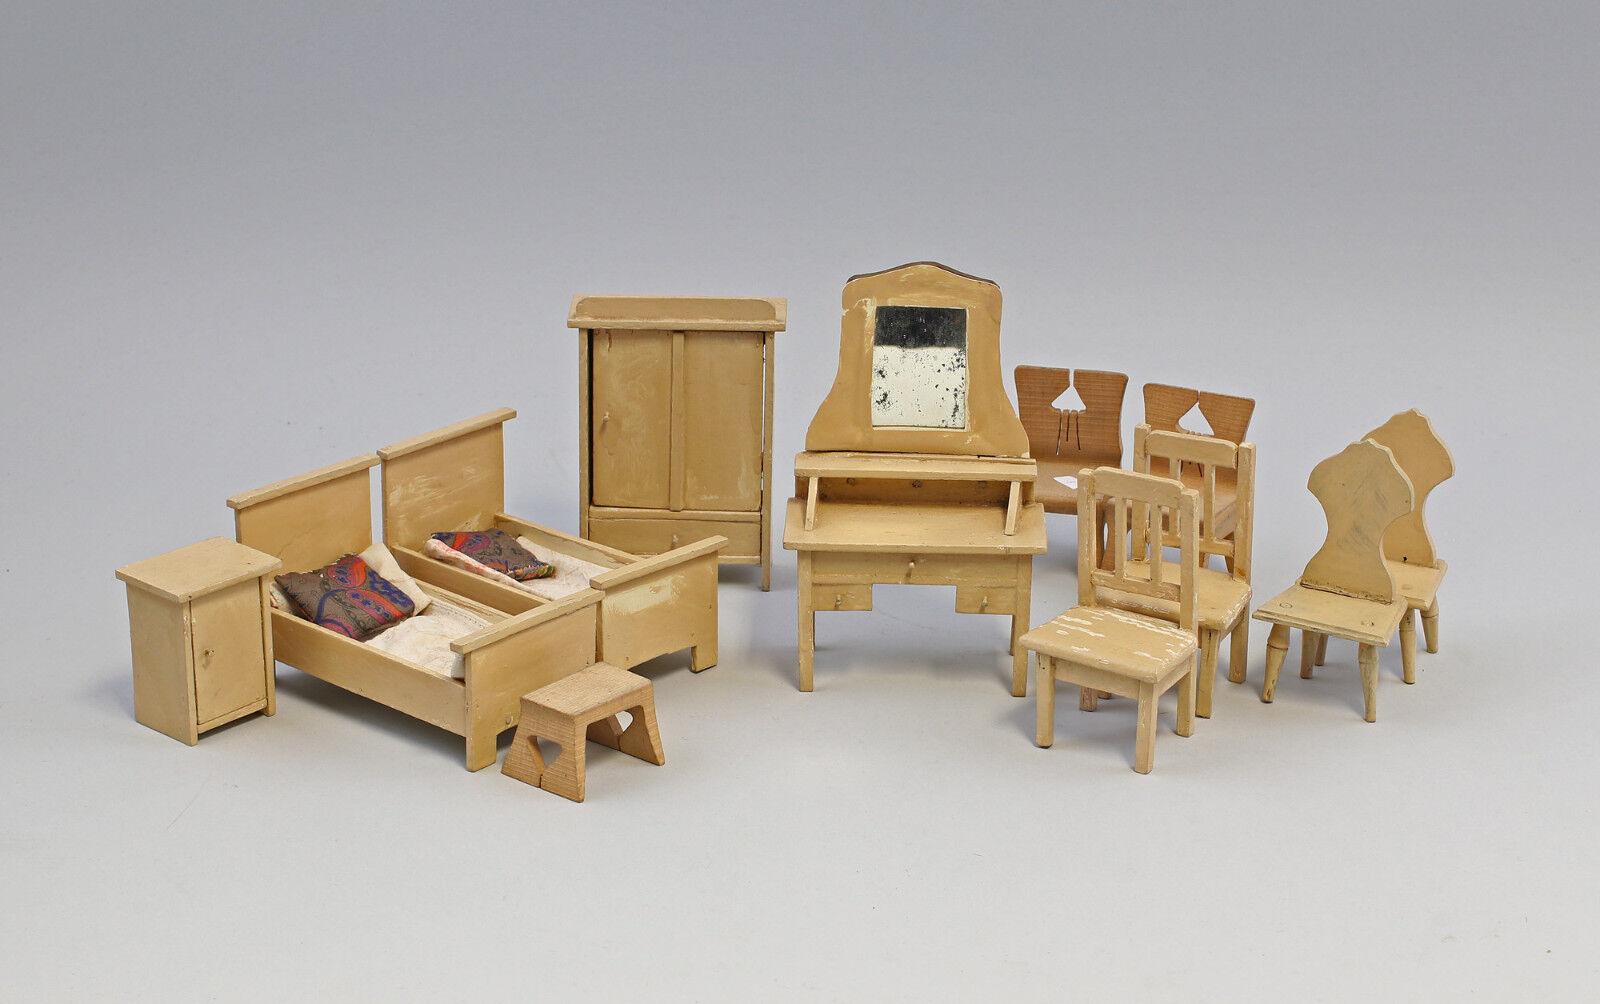 99810074 Casa di bambola mobili Camera letto Legno verniciato a 1920/30